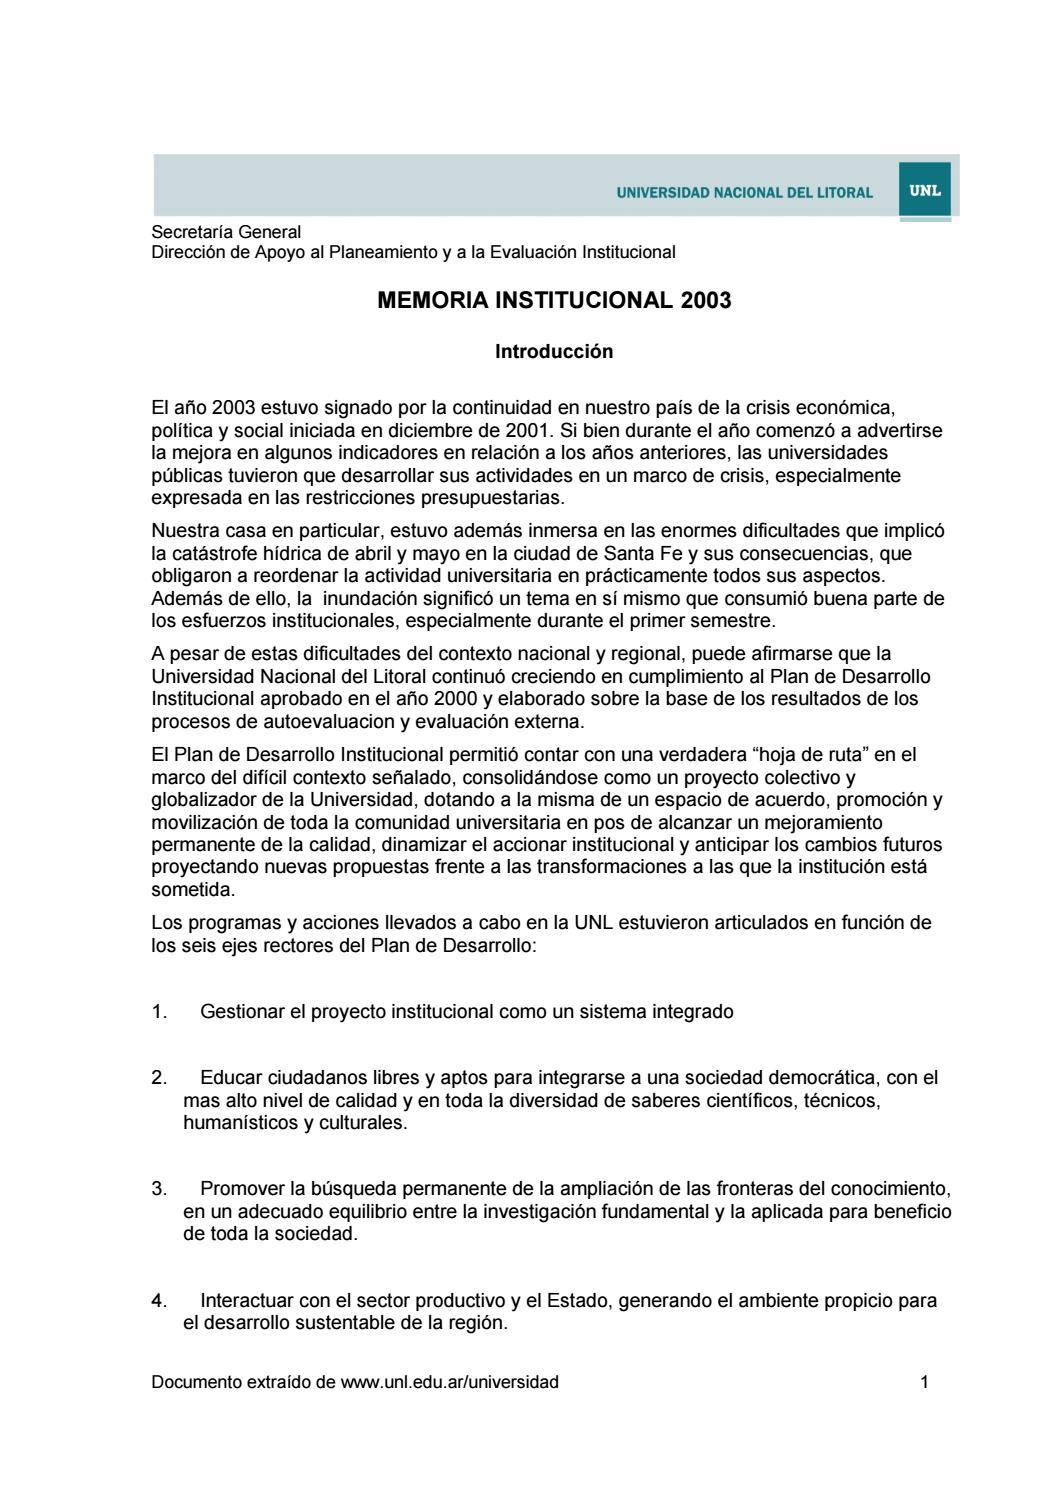 Memoria institucional 2003 by Universidad Nacional del Litoral - issuu